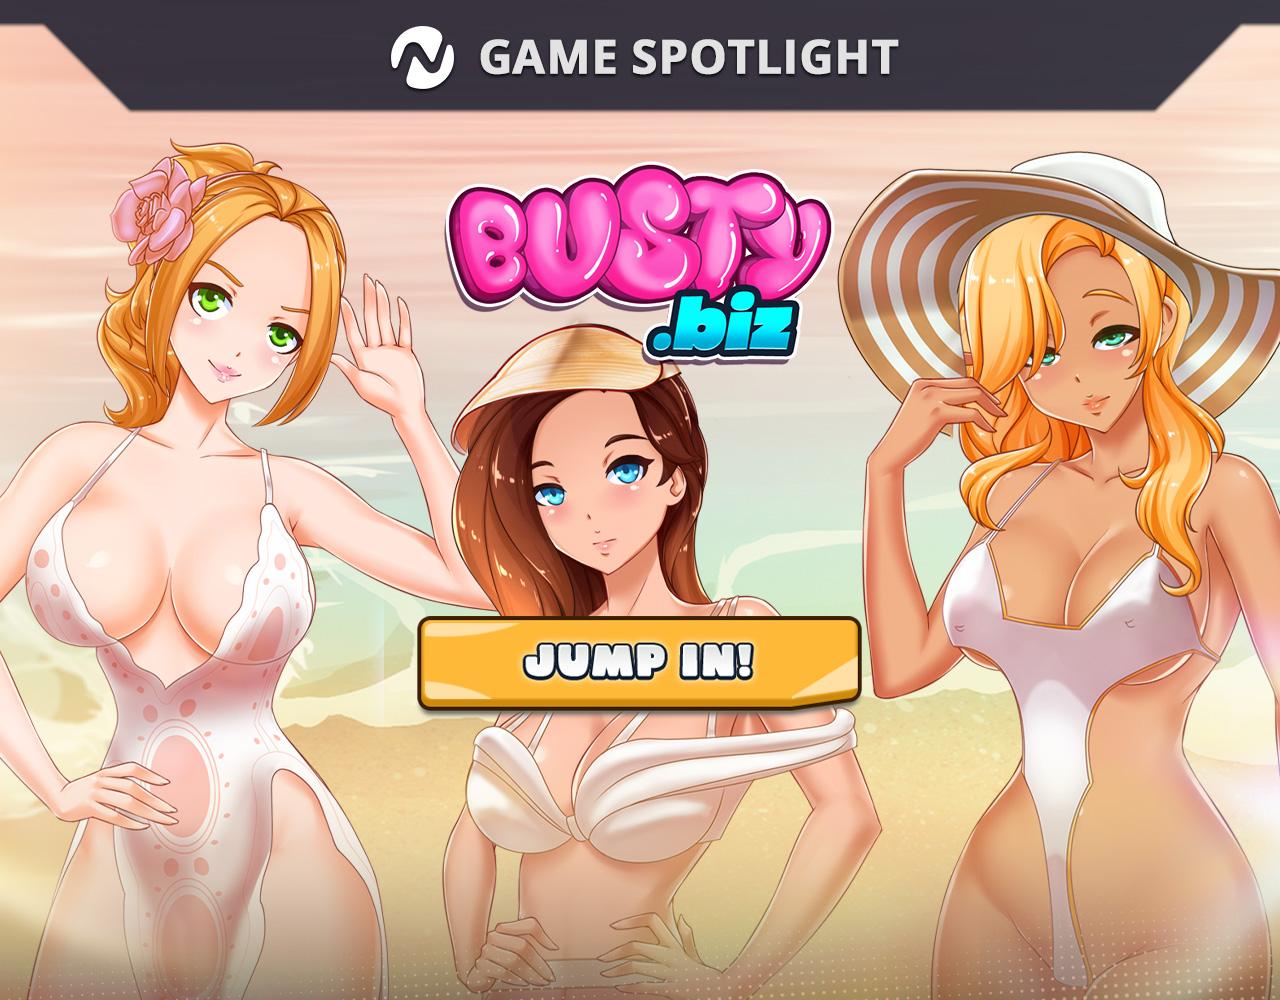 BustyBiz Spotlight